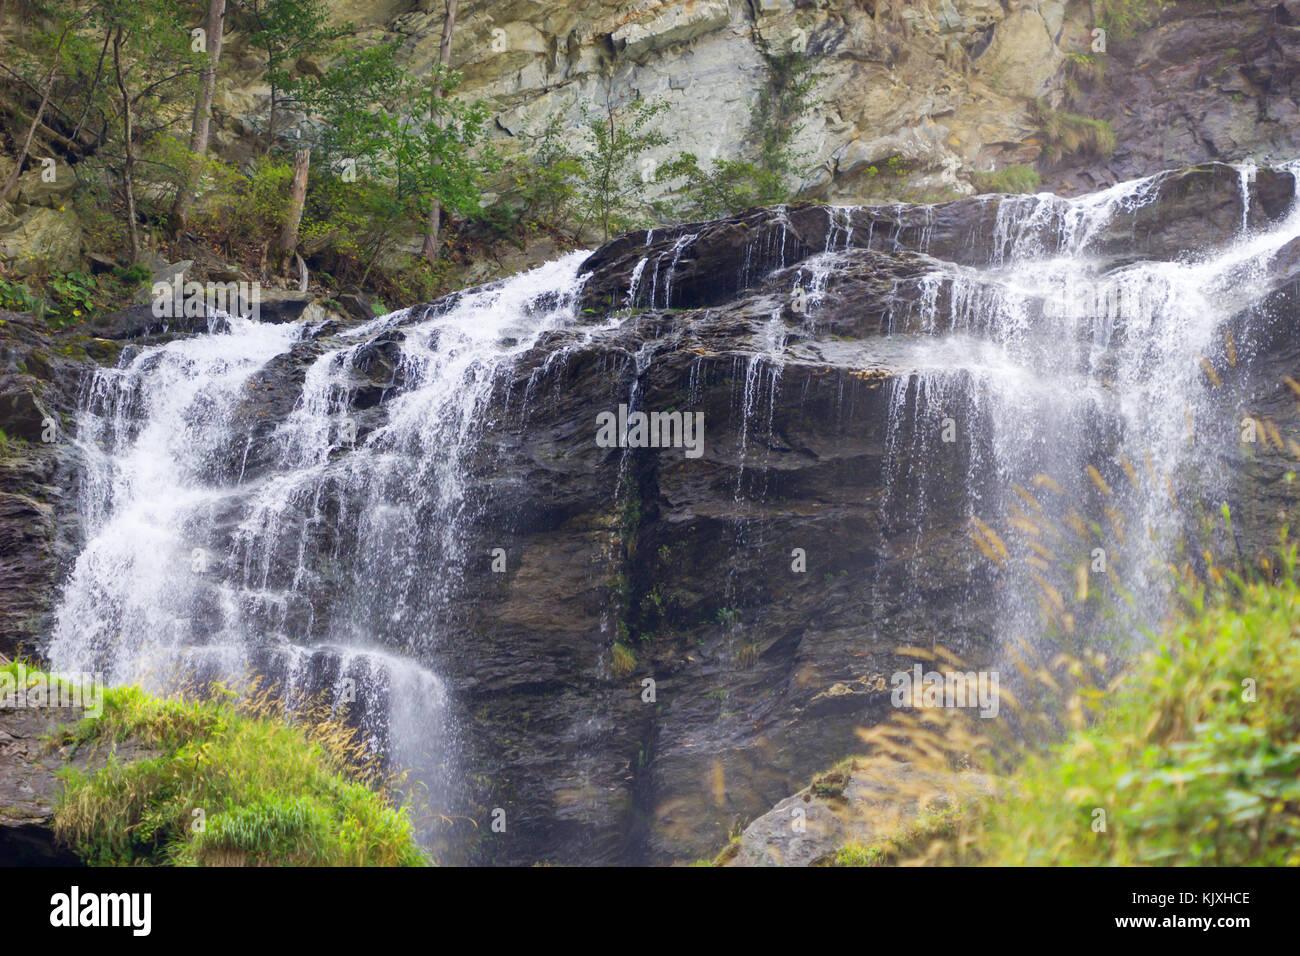 Cascata paesaggio di montagna, cascate nella giungla in sfondo naturale. Foto Stock